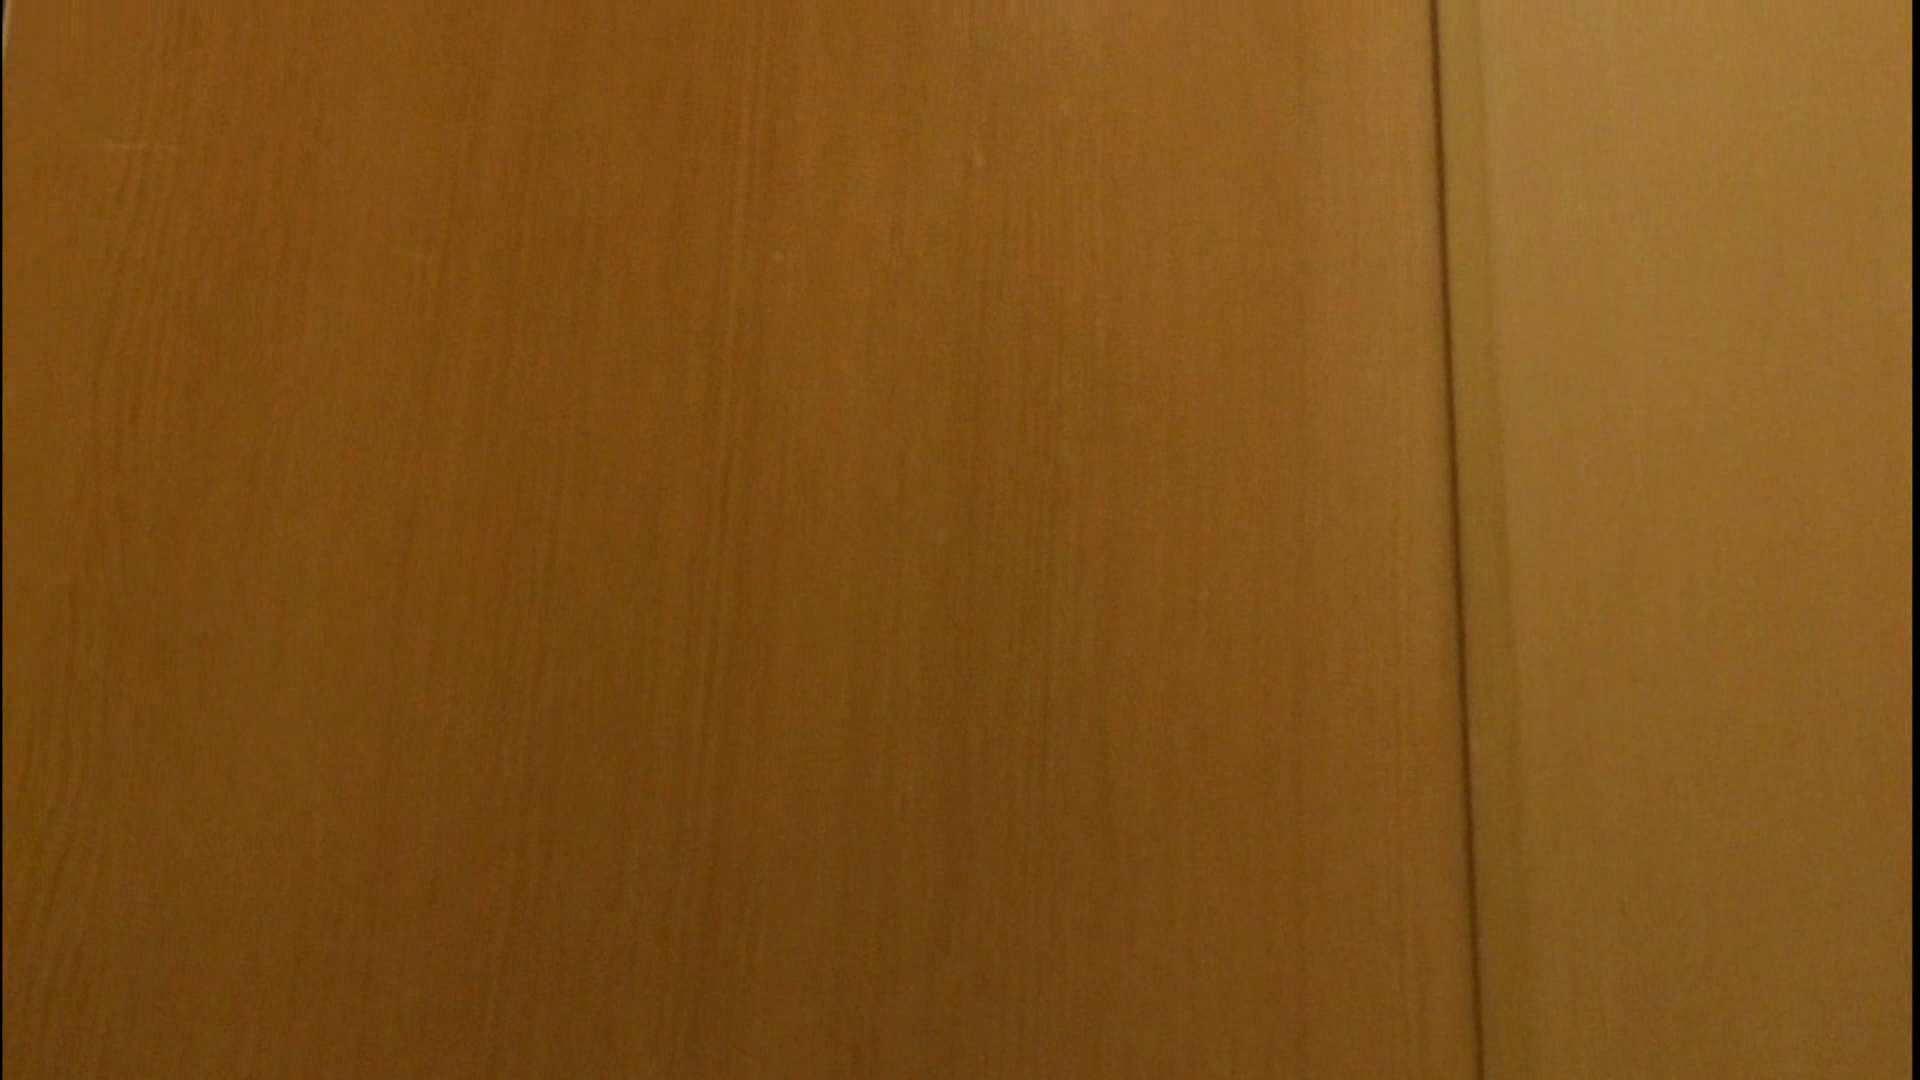 「噂」の国の厠観察日記2 Vol.13 人気シリーズ | HなOL  60pic 10